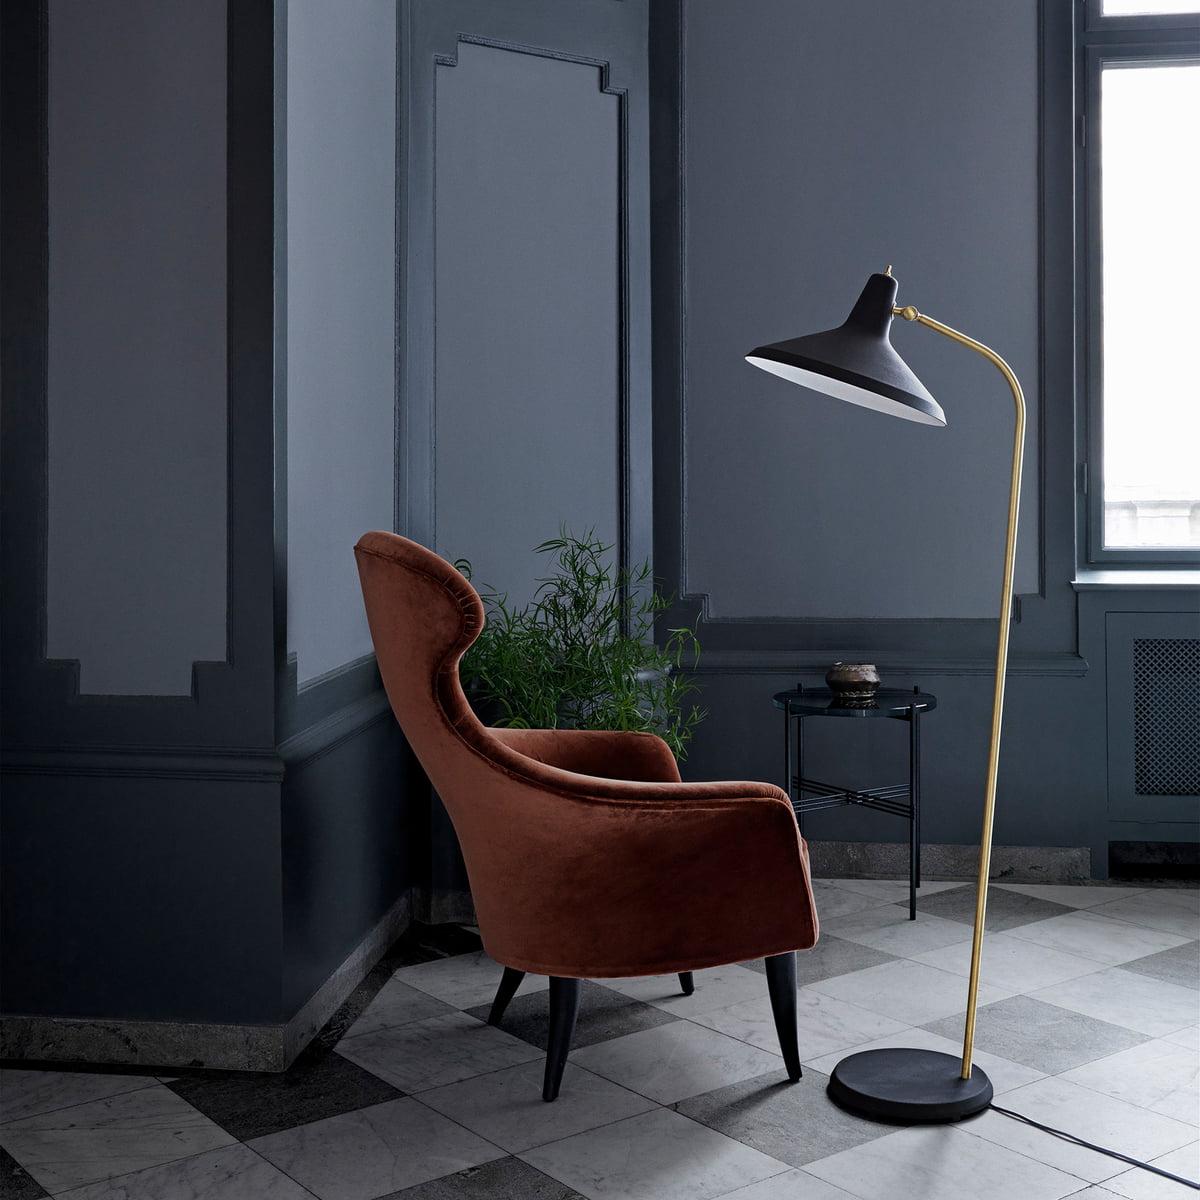 g10 stehleuchte von gubi. Black Bedroom Furniture Sets. Home Design Ideas